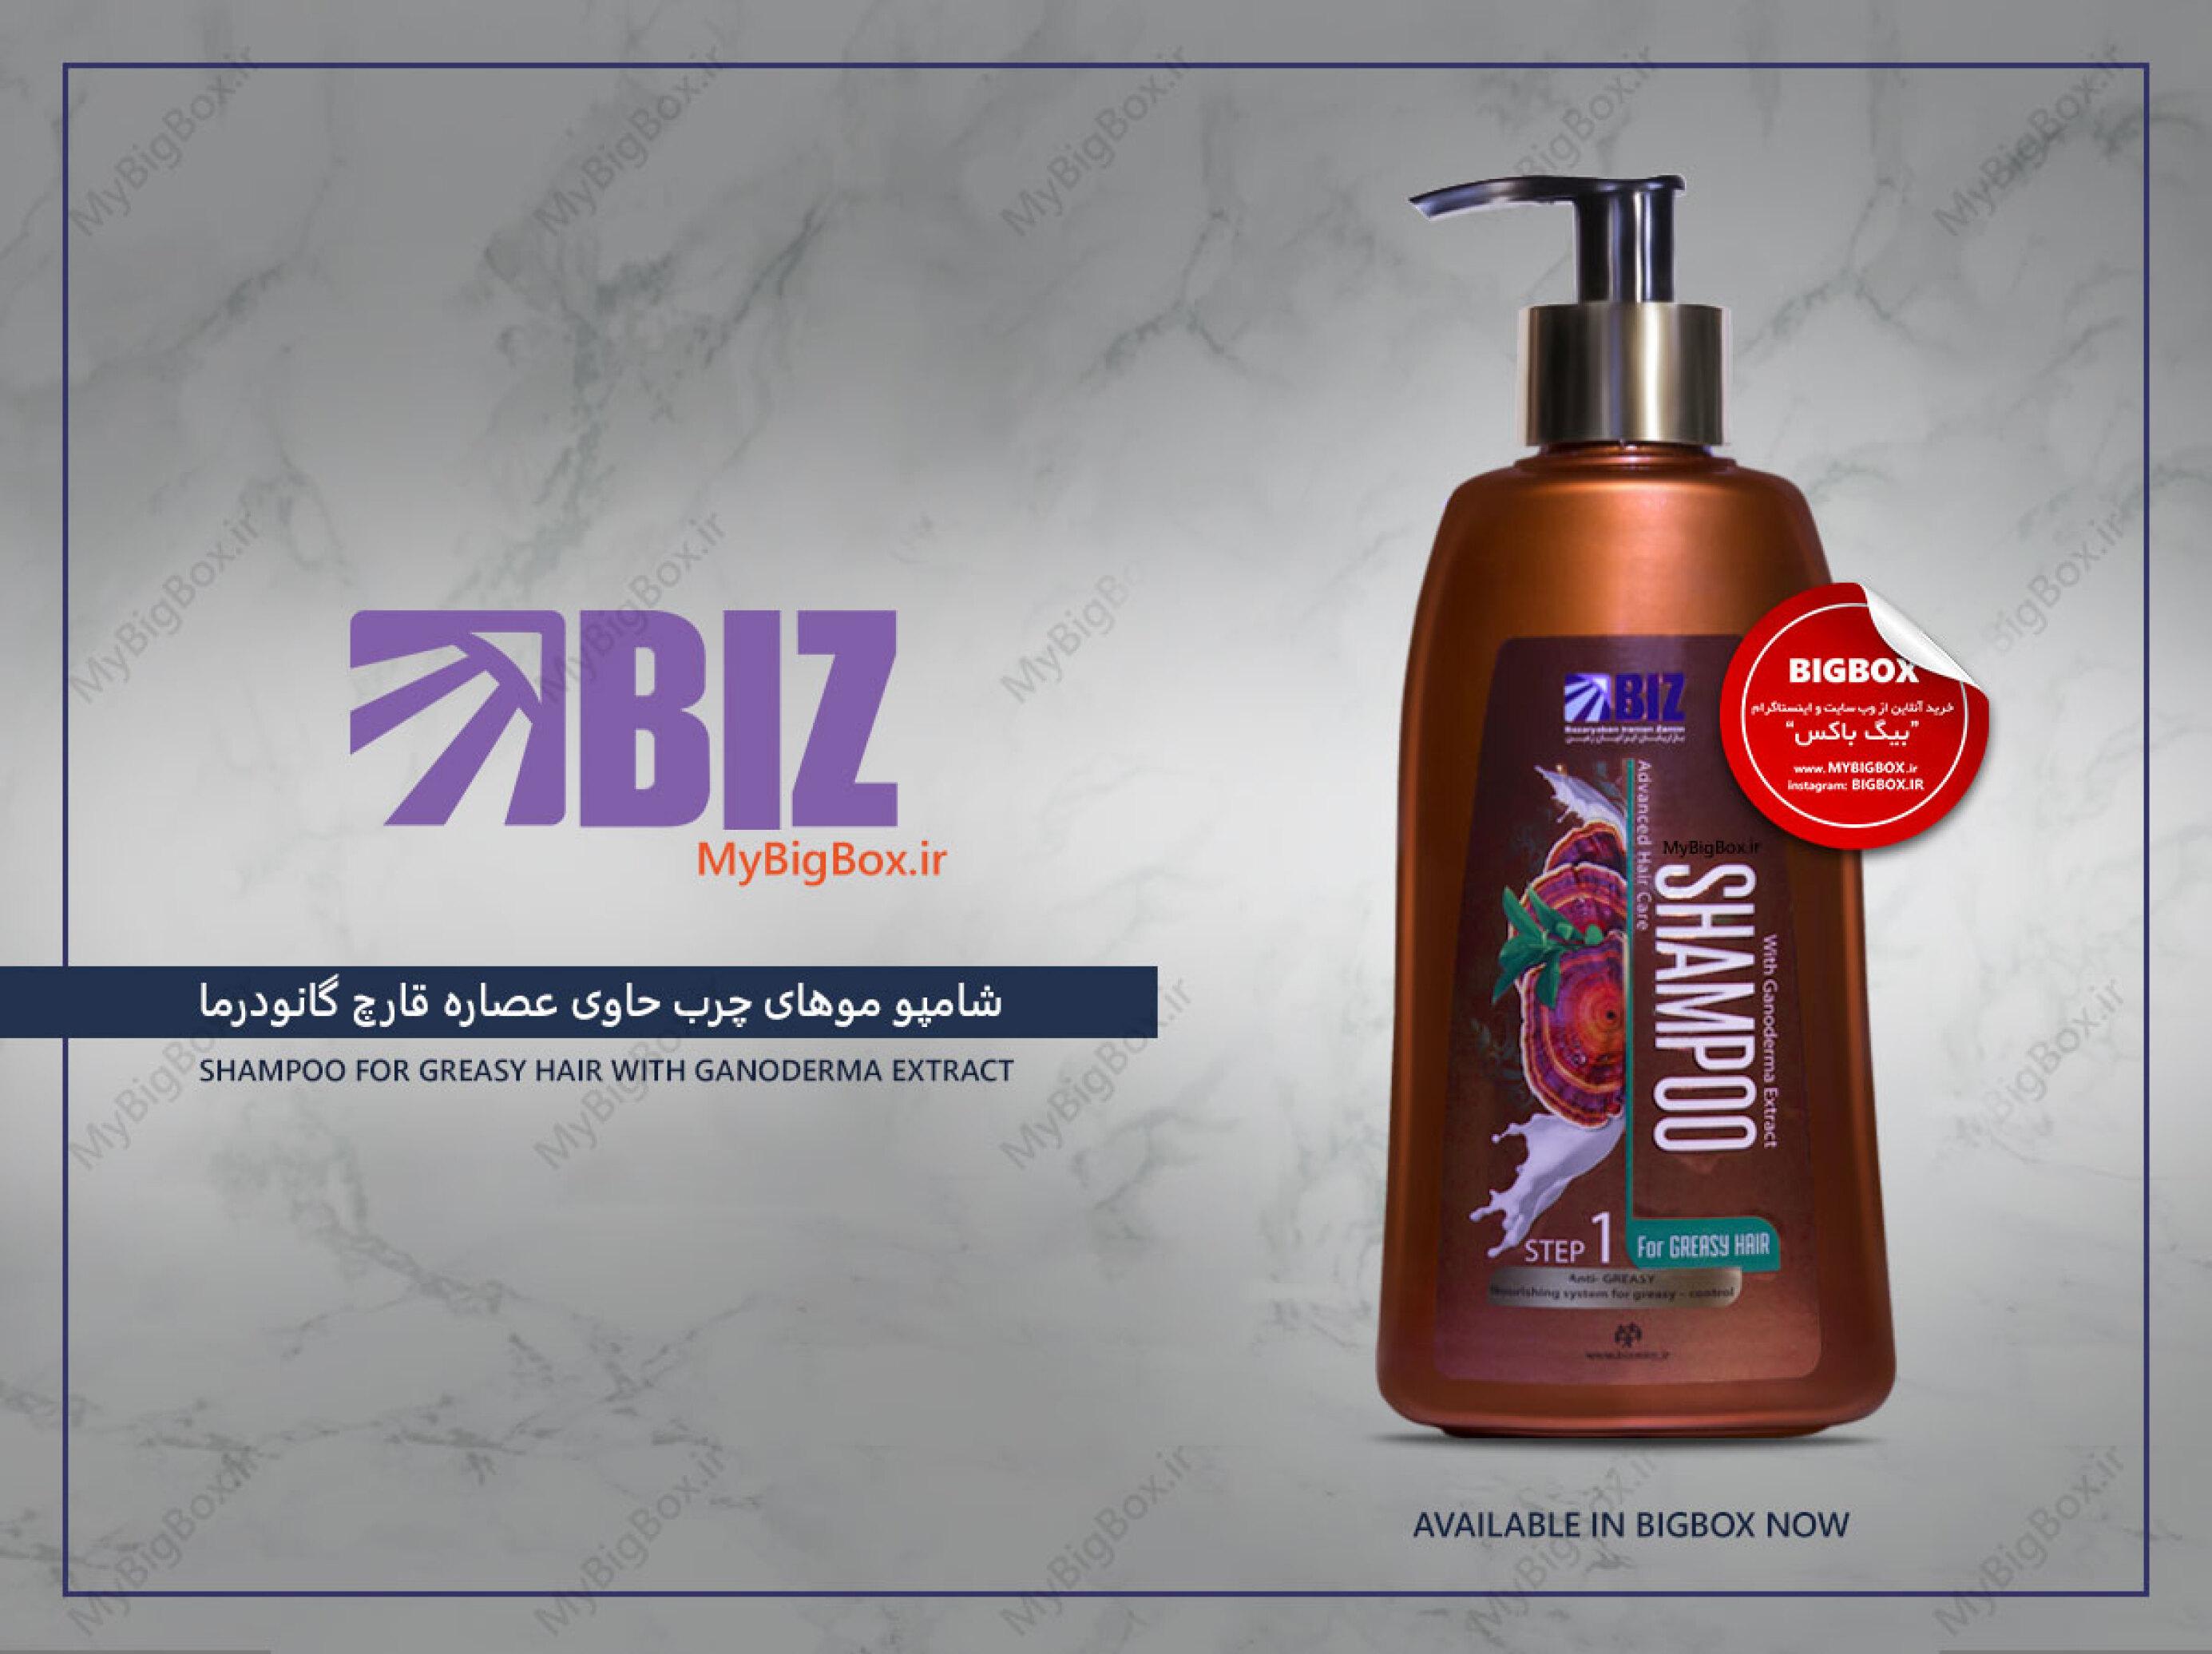 شامپو موهای چرب بیز مدل قارچ گانودرما حجم 300 میلی لیتر Biz shampoo greasy hair